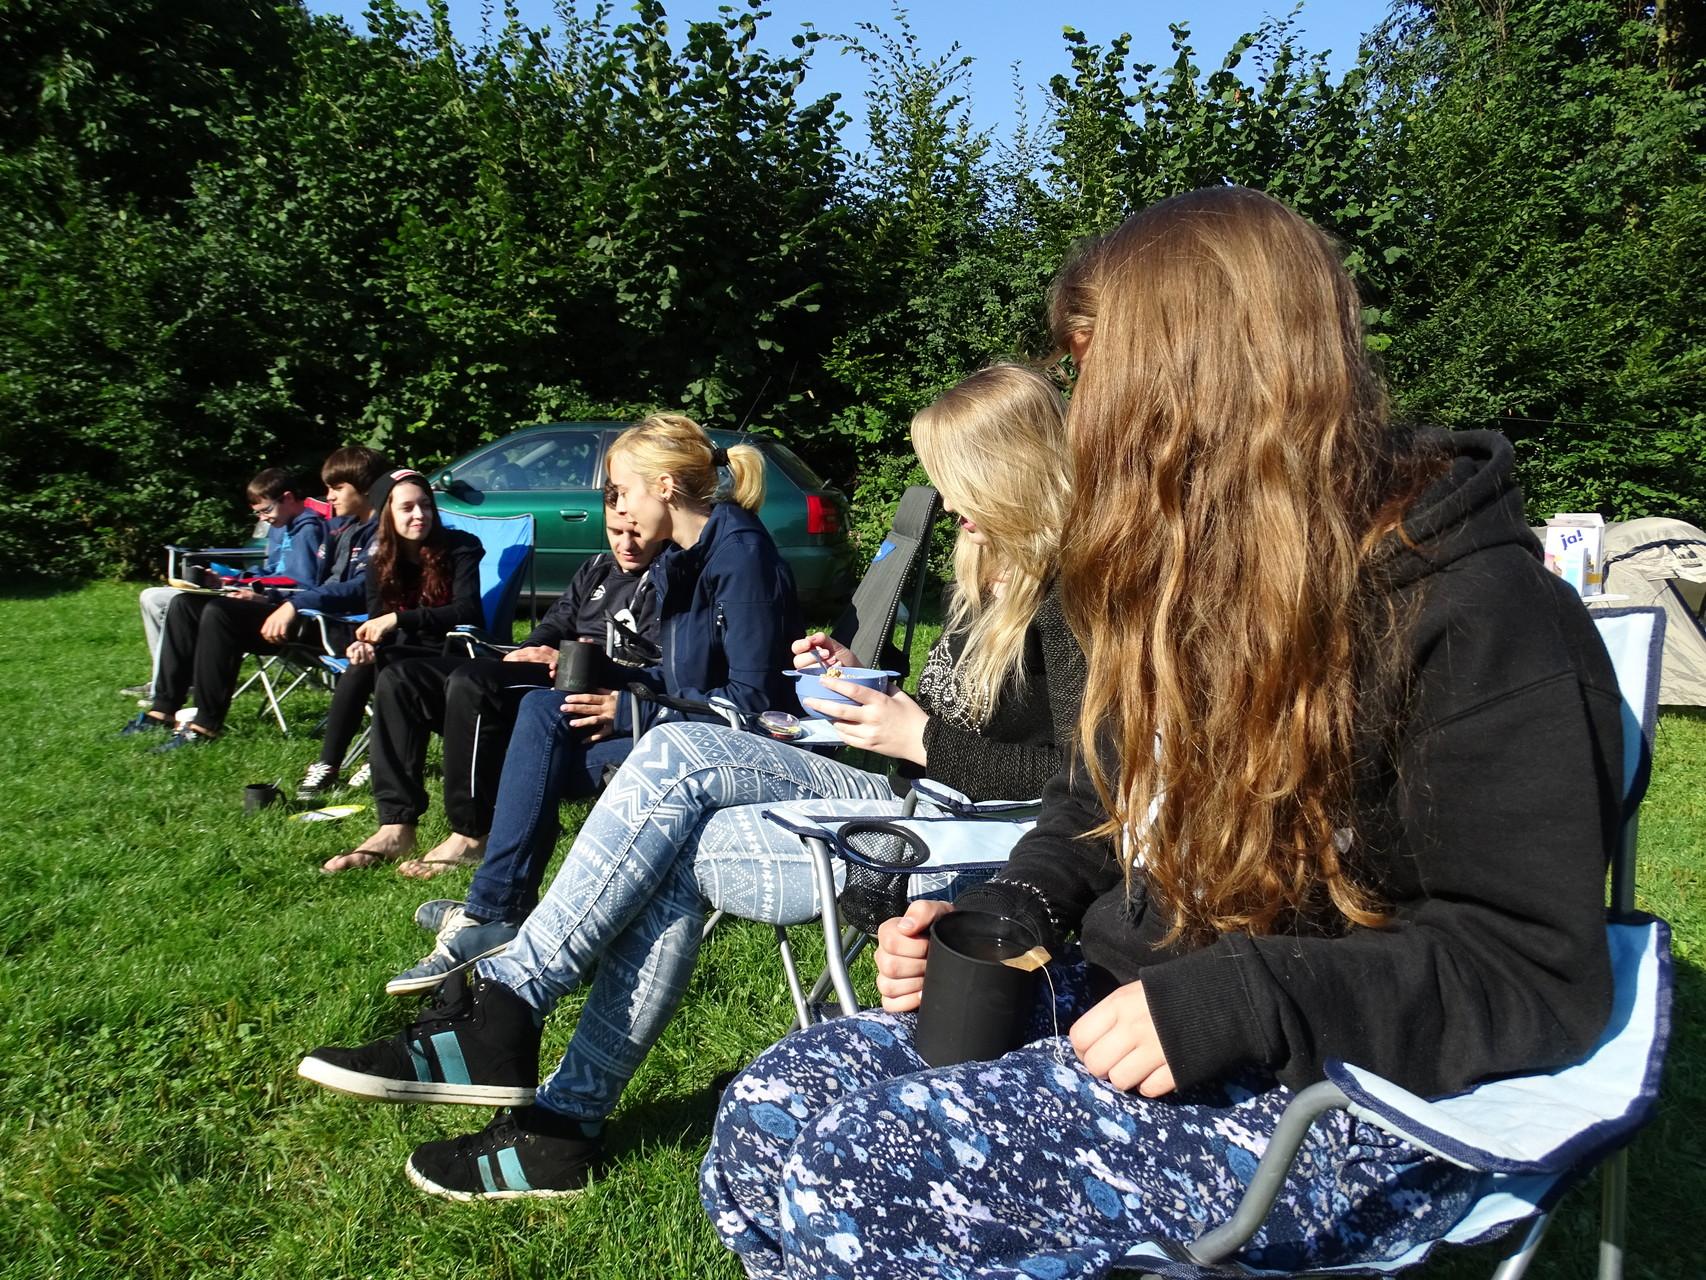 Am nächsten Morgen hieß es beim Frühstücken für viele erst einmal auftauen, denn die Temperaturen sanken nachts dann doch zügig. Trotzdem hatten wir tagsüber herrliches, sonniges Wetter!